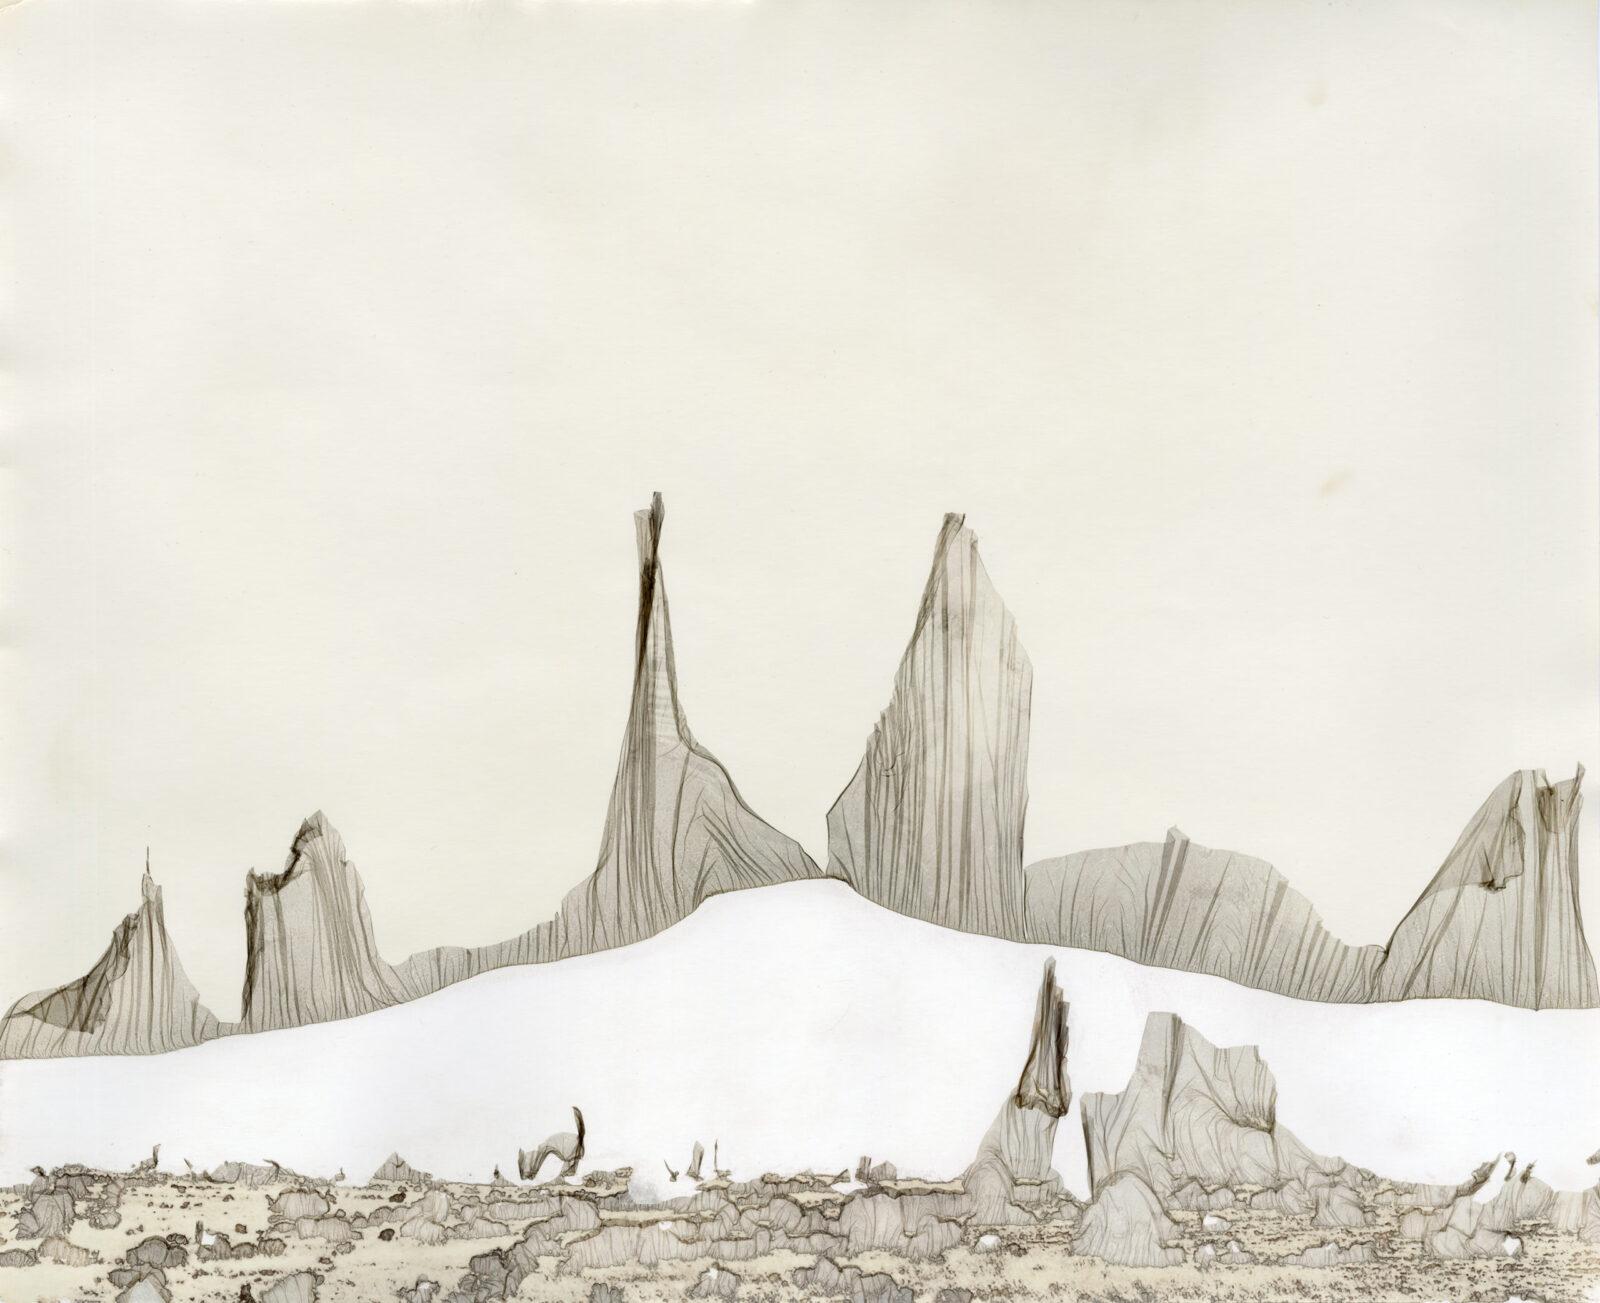 """CAITLYN SOLDAN. Cerro Pedernal Study 19, 2020, mordancage, 16 x 20"""", unique"""